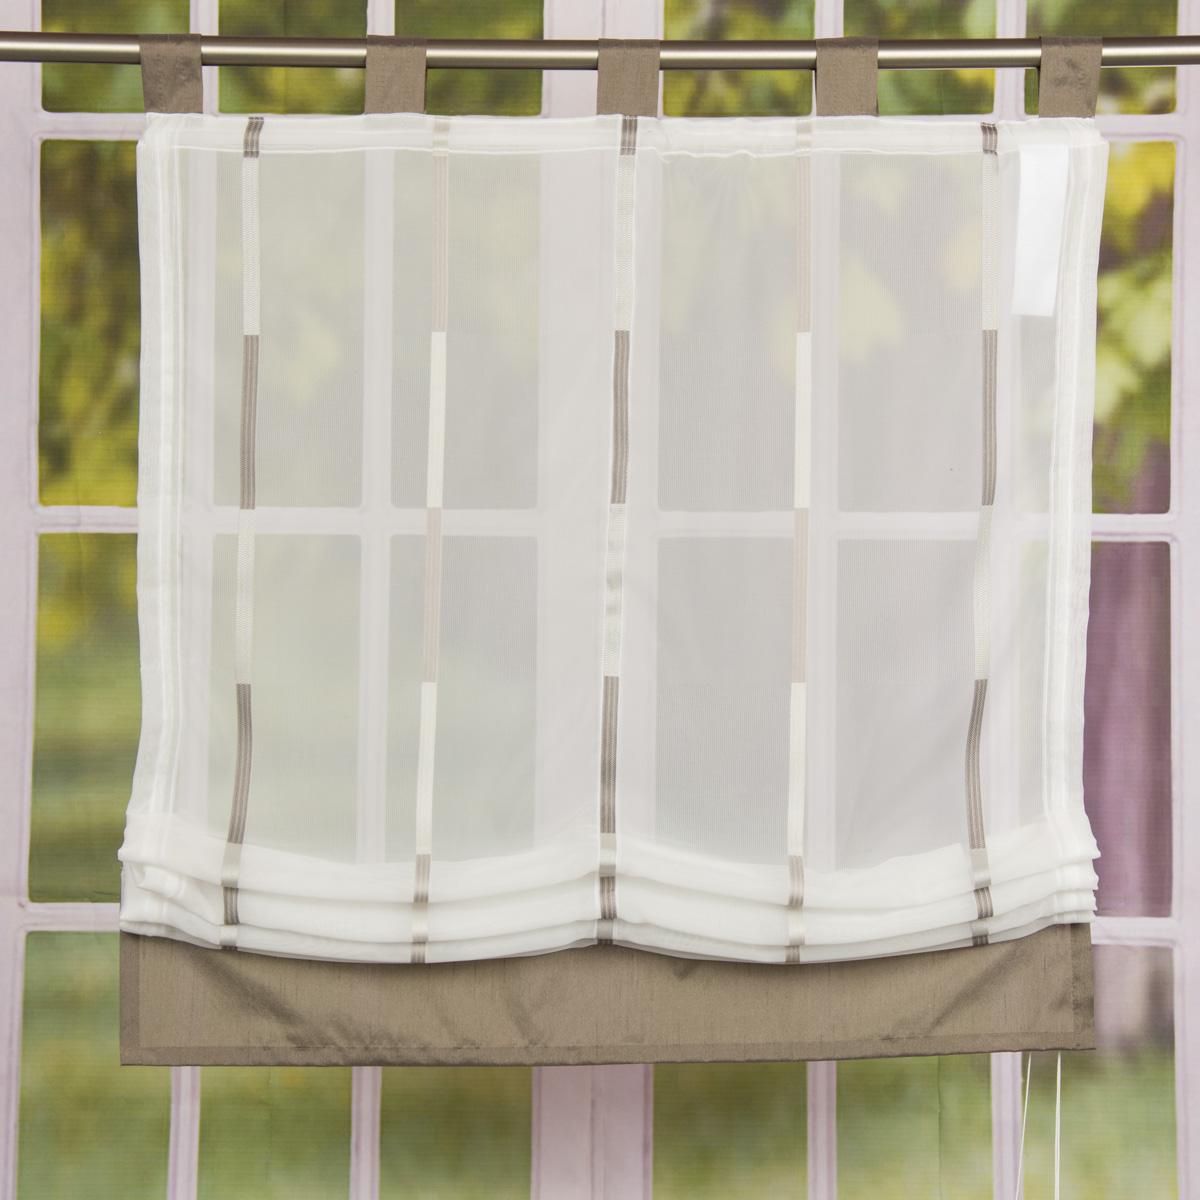 Full Size of Raffrollo Mit Schlaufen Modern Rollo Wei Transparent Braunen Streifen Miniküche Kühlschrank Bett 140x200 Stauraum Sofa Elektrischer Sitztiefenverstellung Wohnzimmer Raffrollo Mit Schlaufen Modern